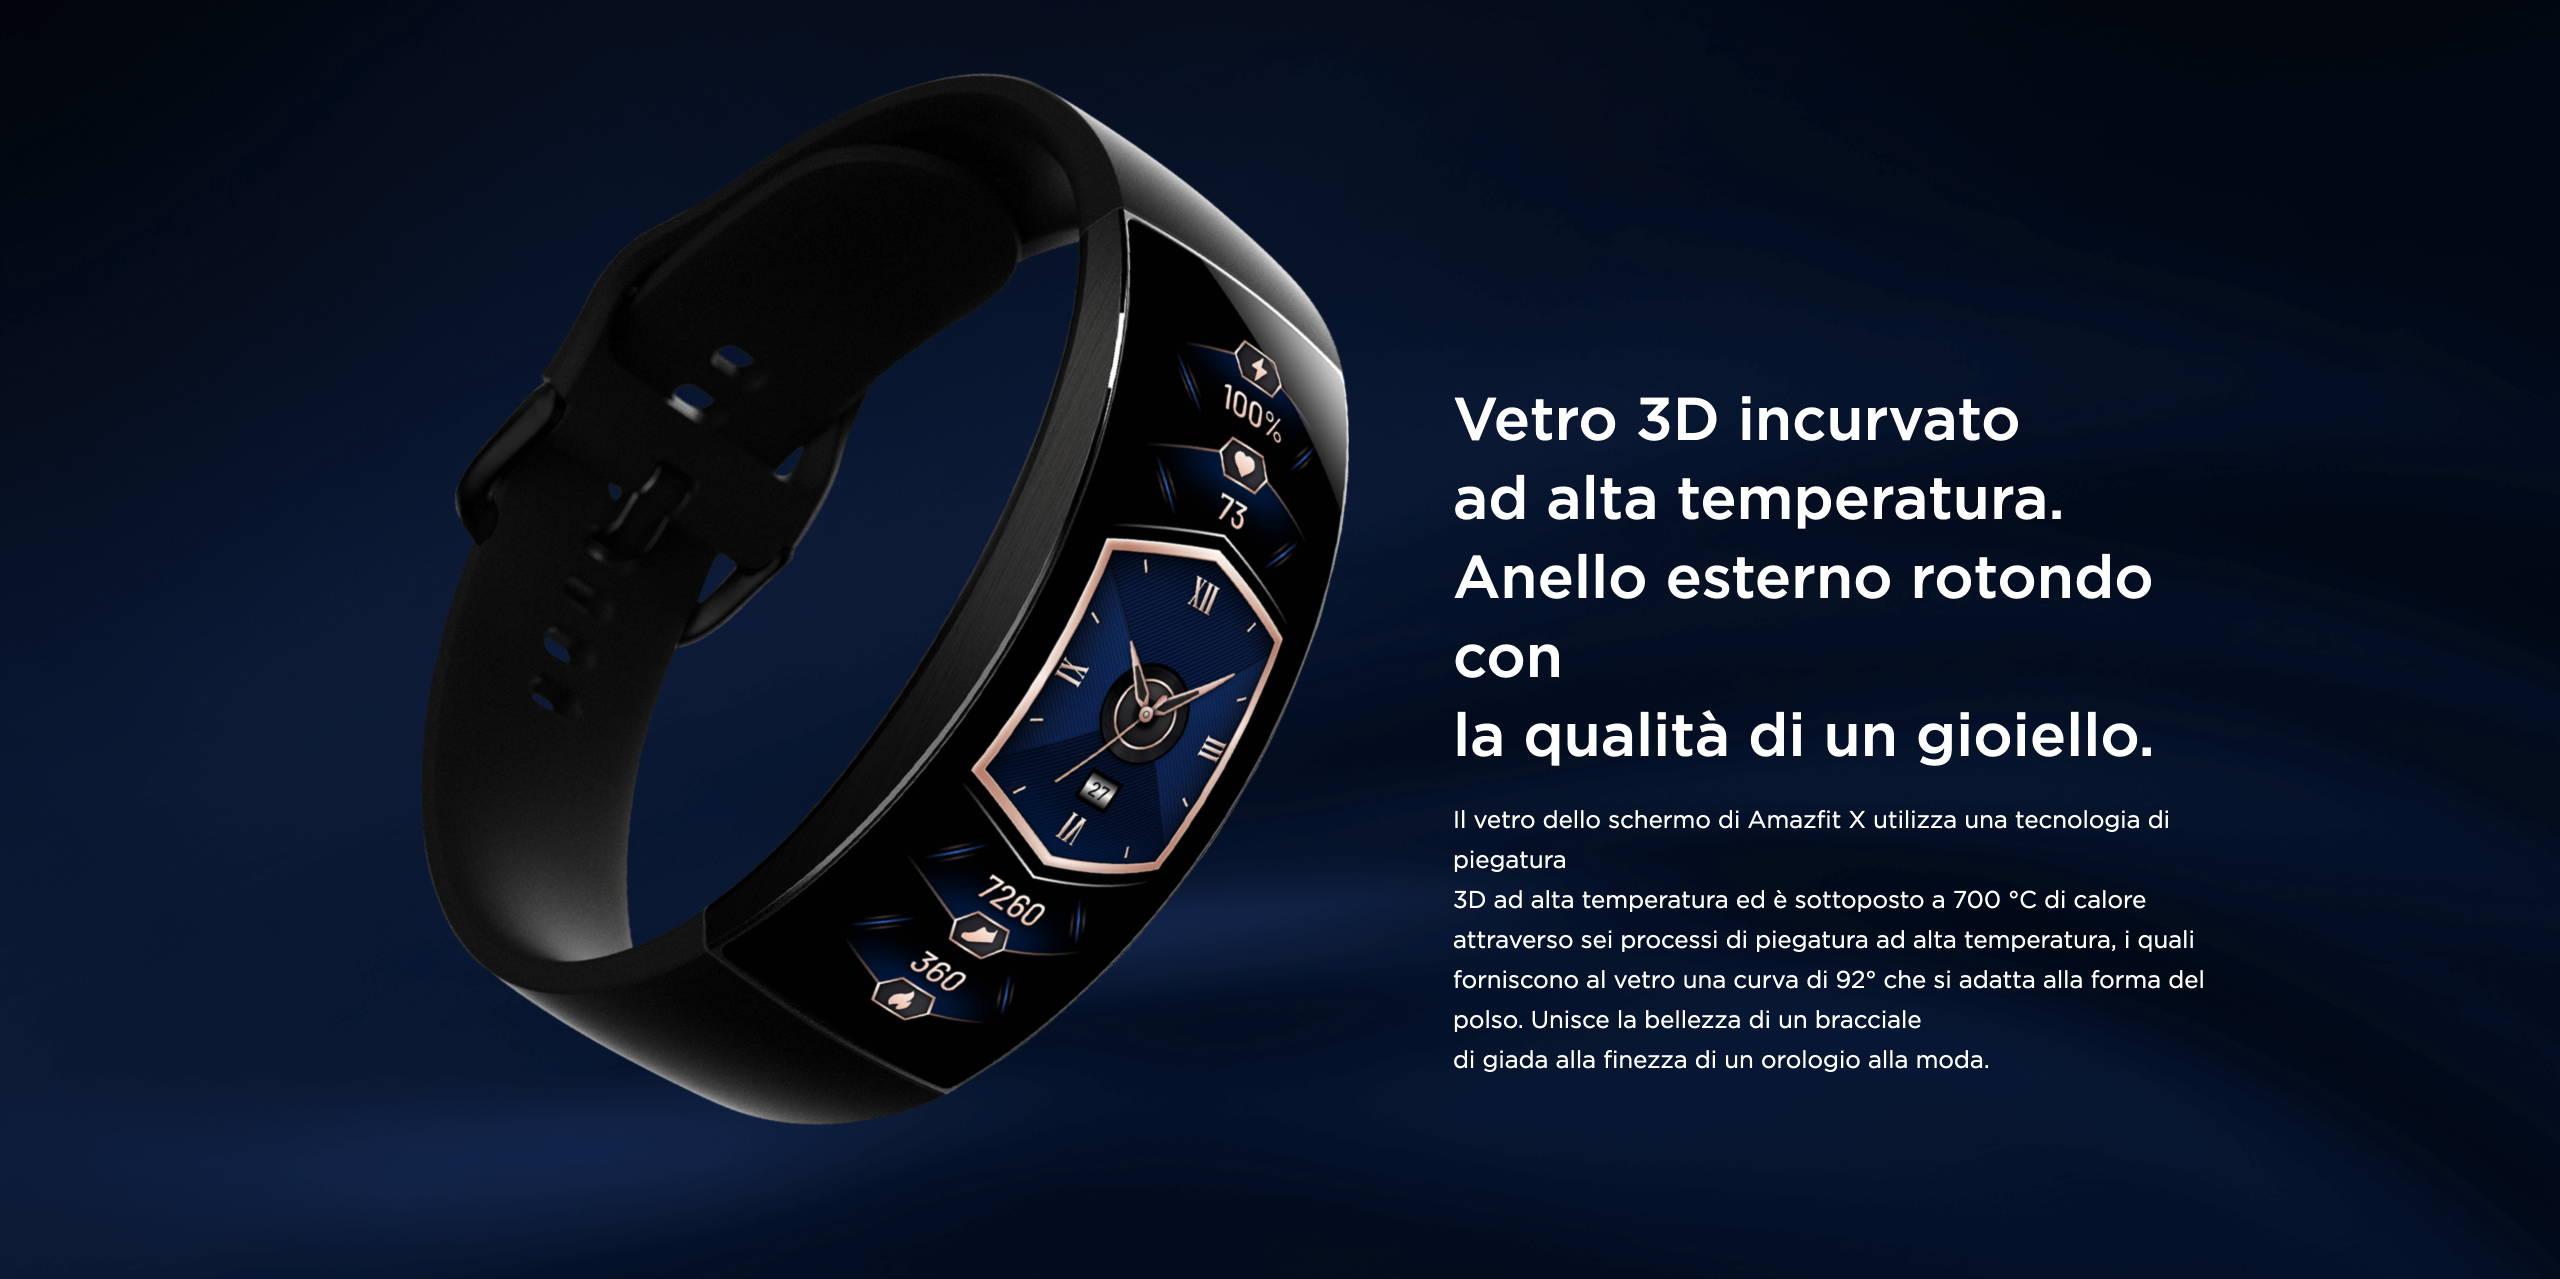 Amazfit X - Vetro 3D incurvato ad alta temperatura.Anello esterno rotondo con la qualità di un gioiello.